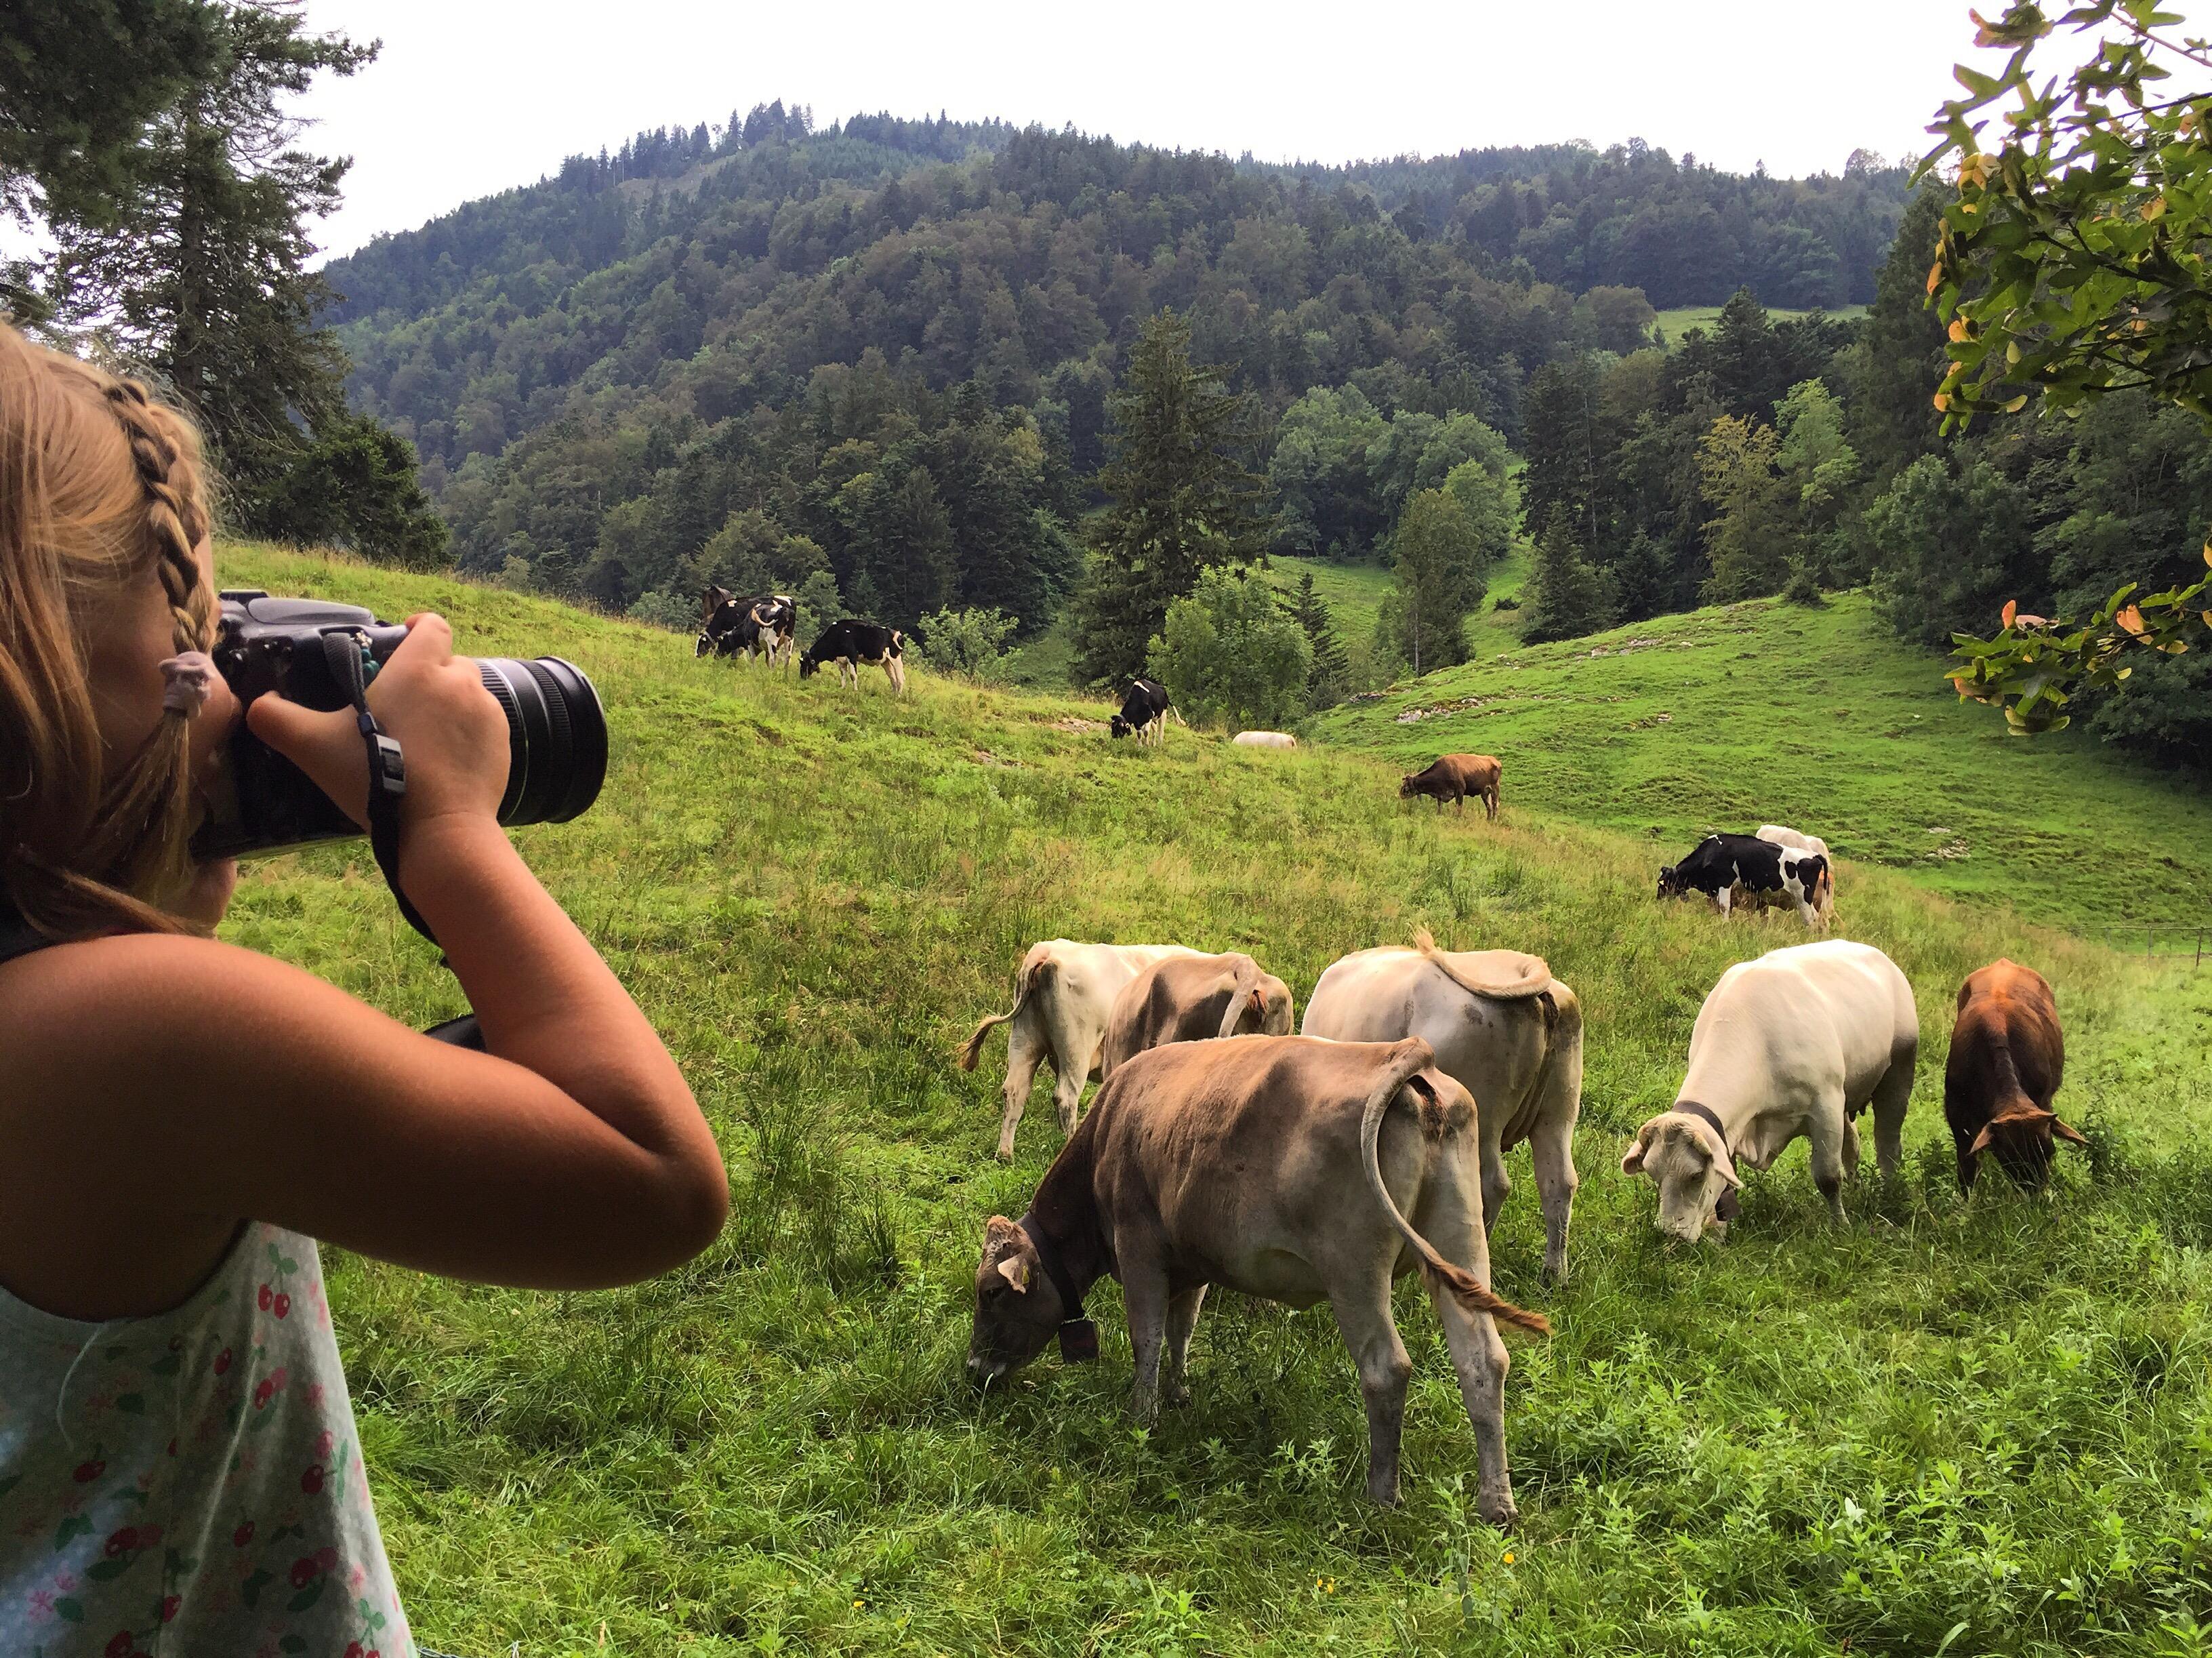 Die middag grilden we weer ergens op de berg en maakte Eva nog foto's van de koeien.